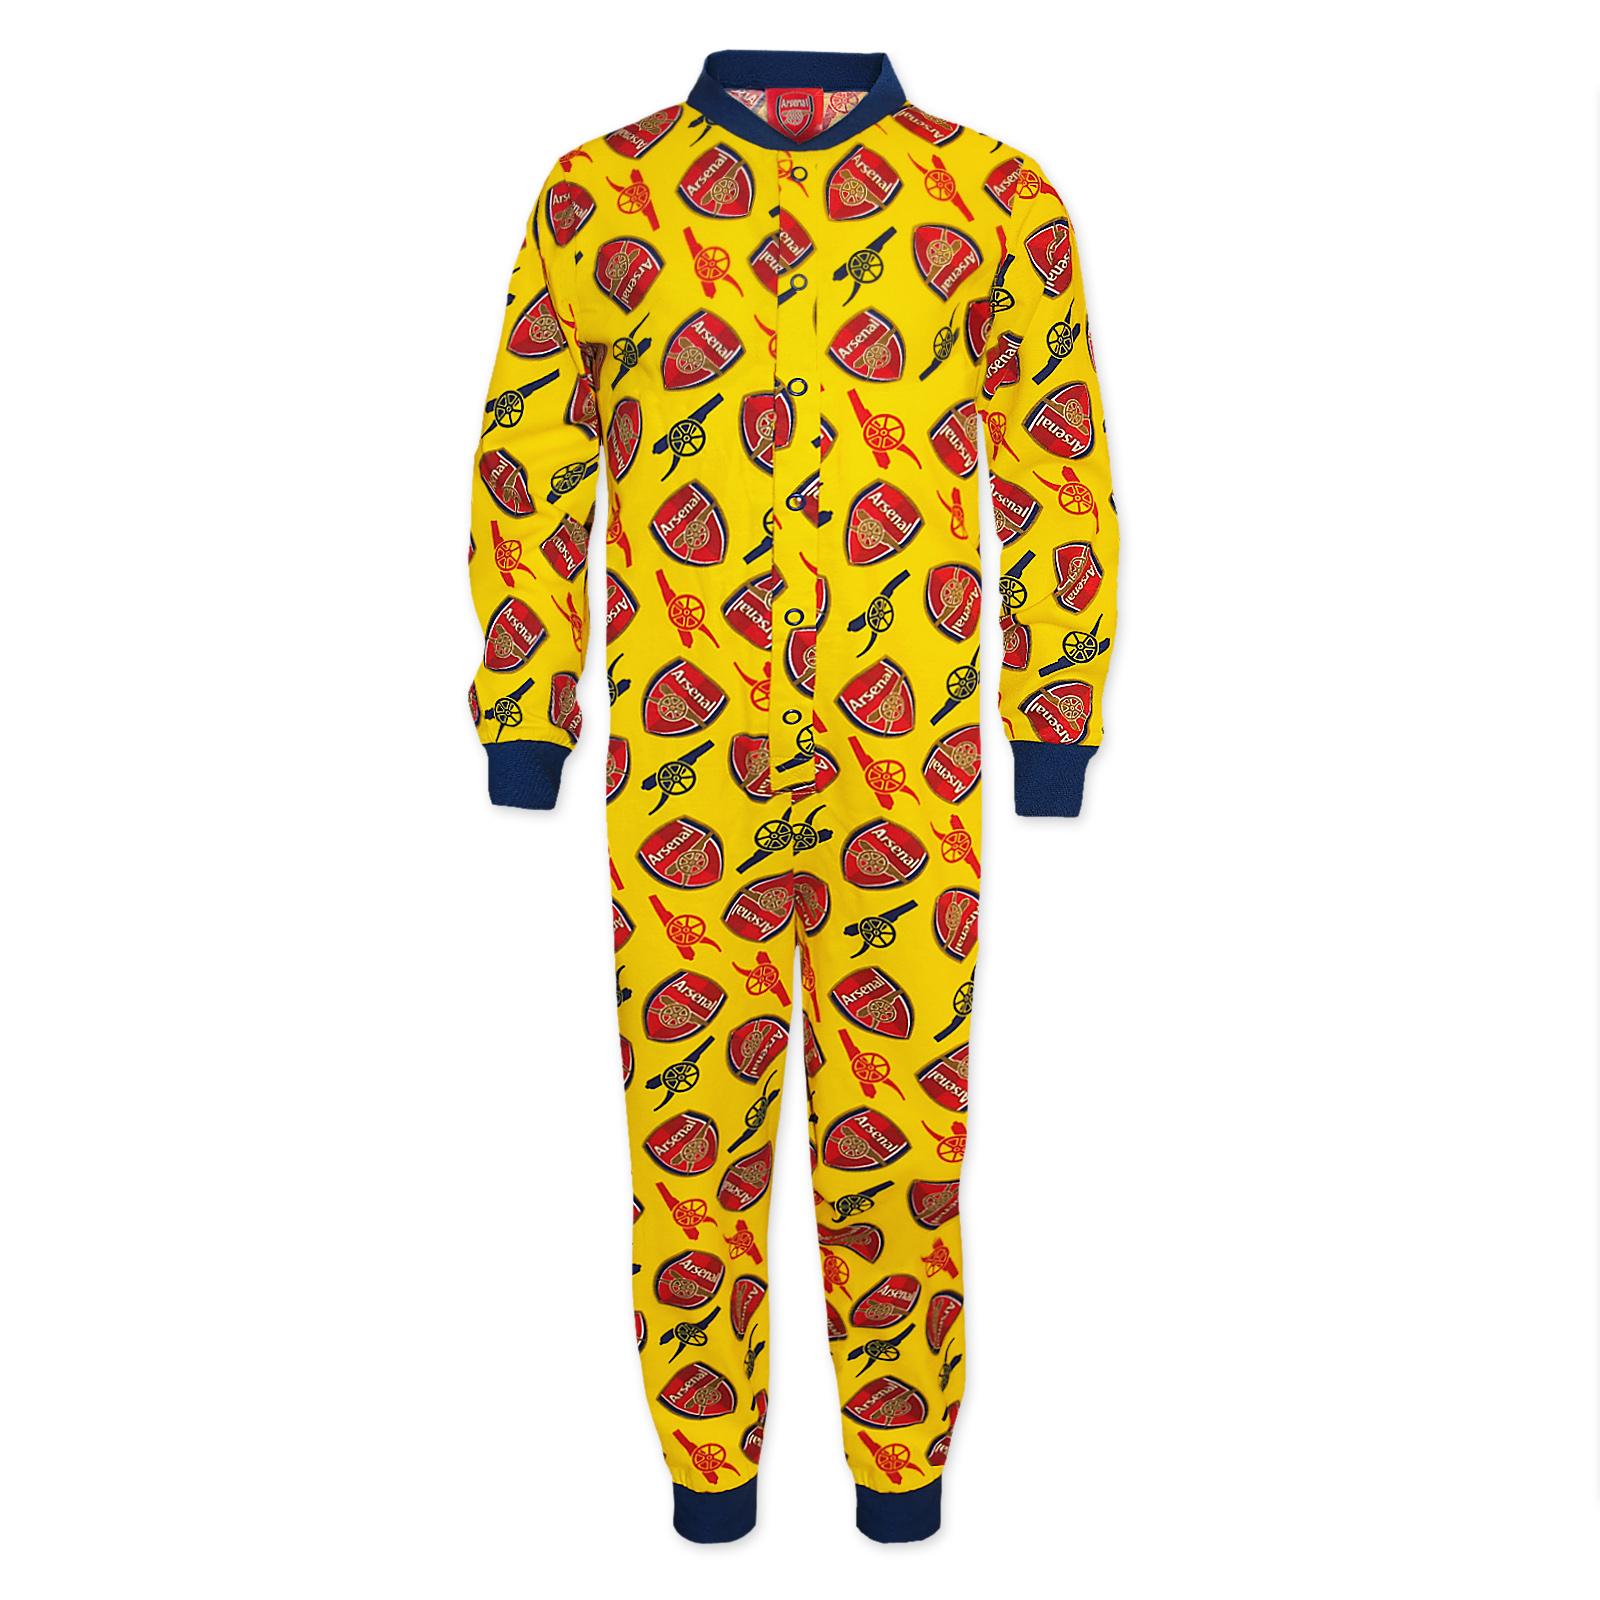 Arsenal-FC-Pijama-de-una-pieza-para-ninos-Producto-oficial